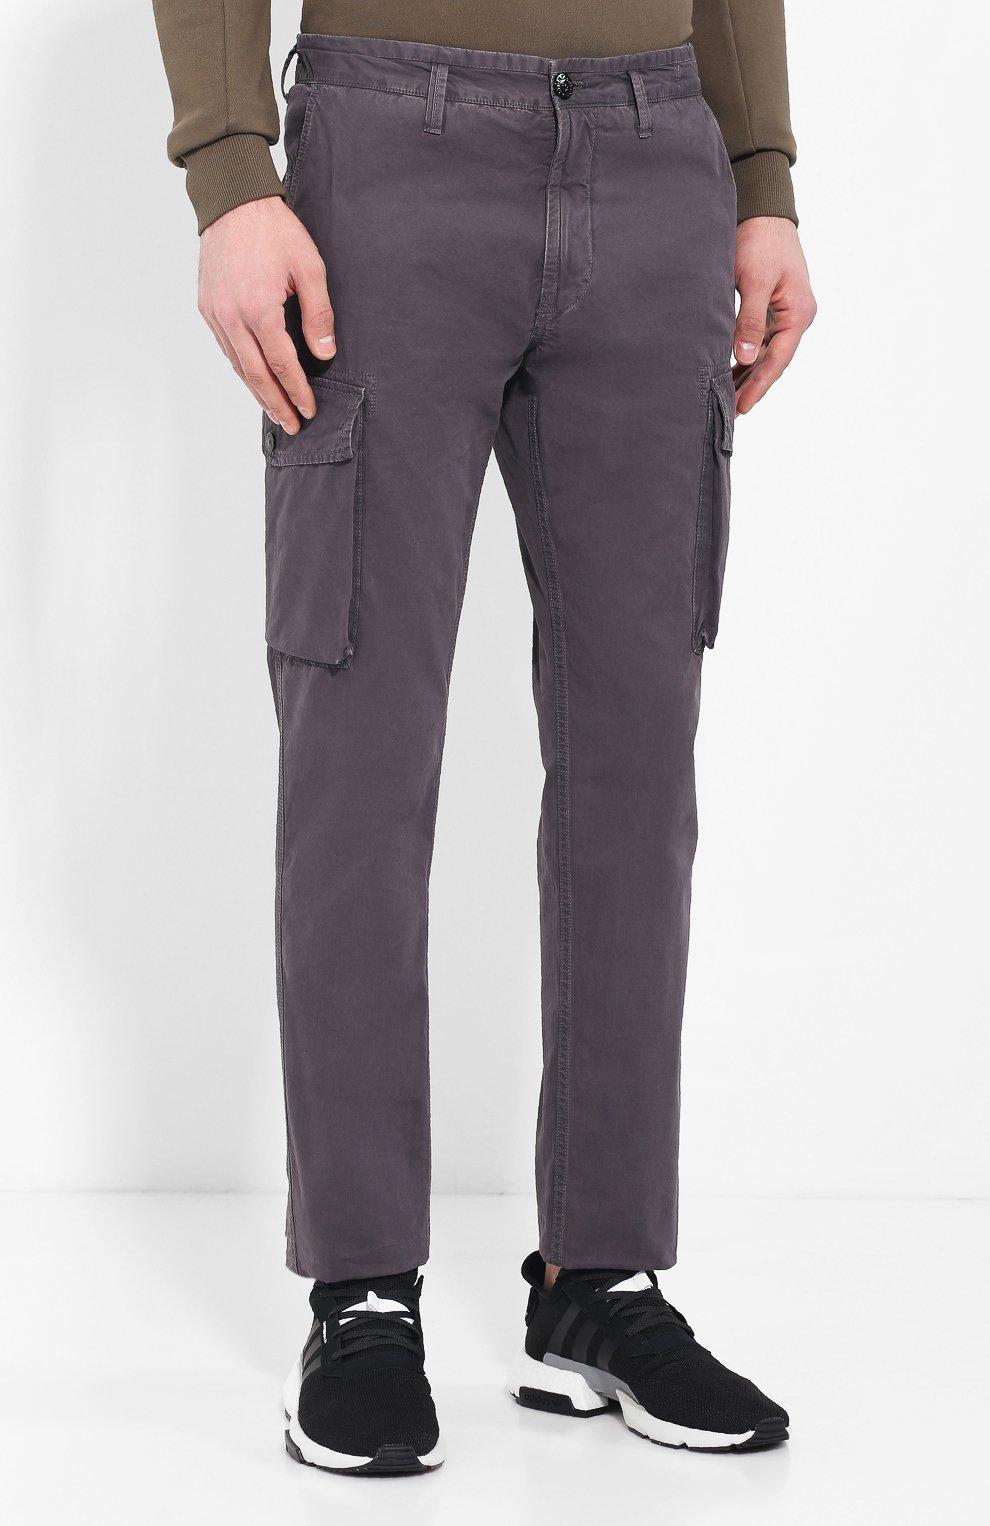 88c077edd62 Мужские серые хлопковые брюки карго STONE ISLAND — купить за 18250 ...